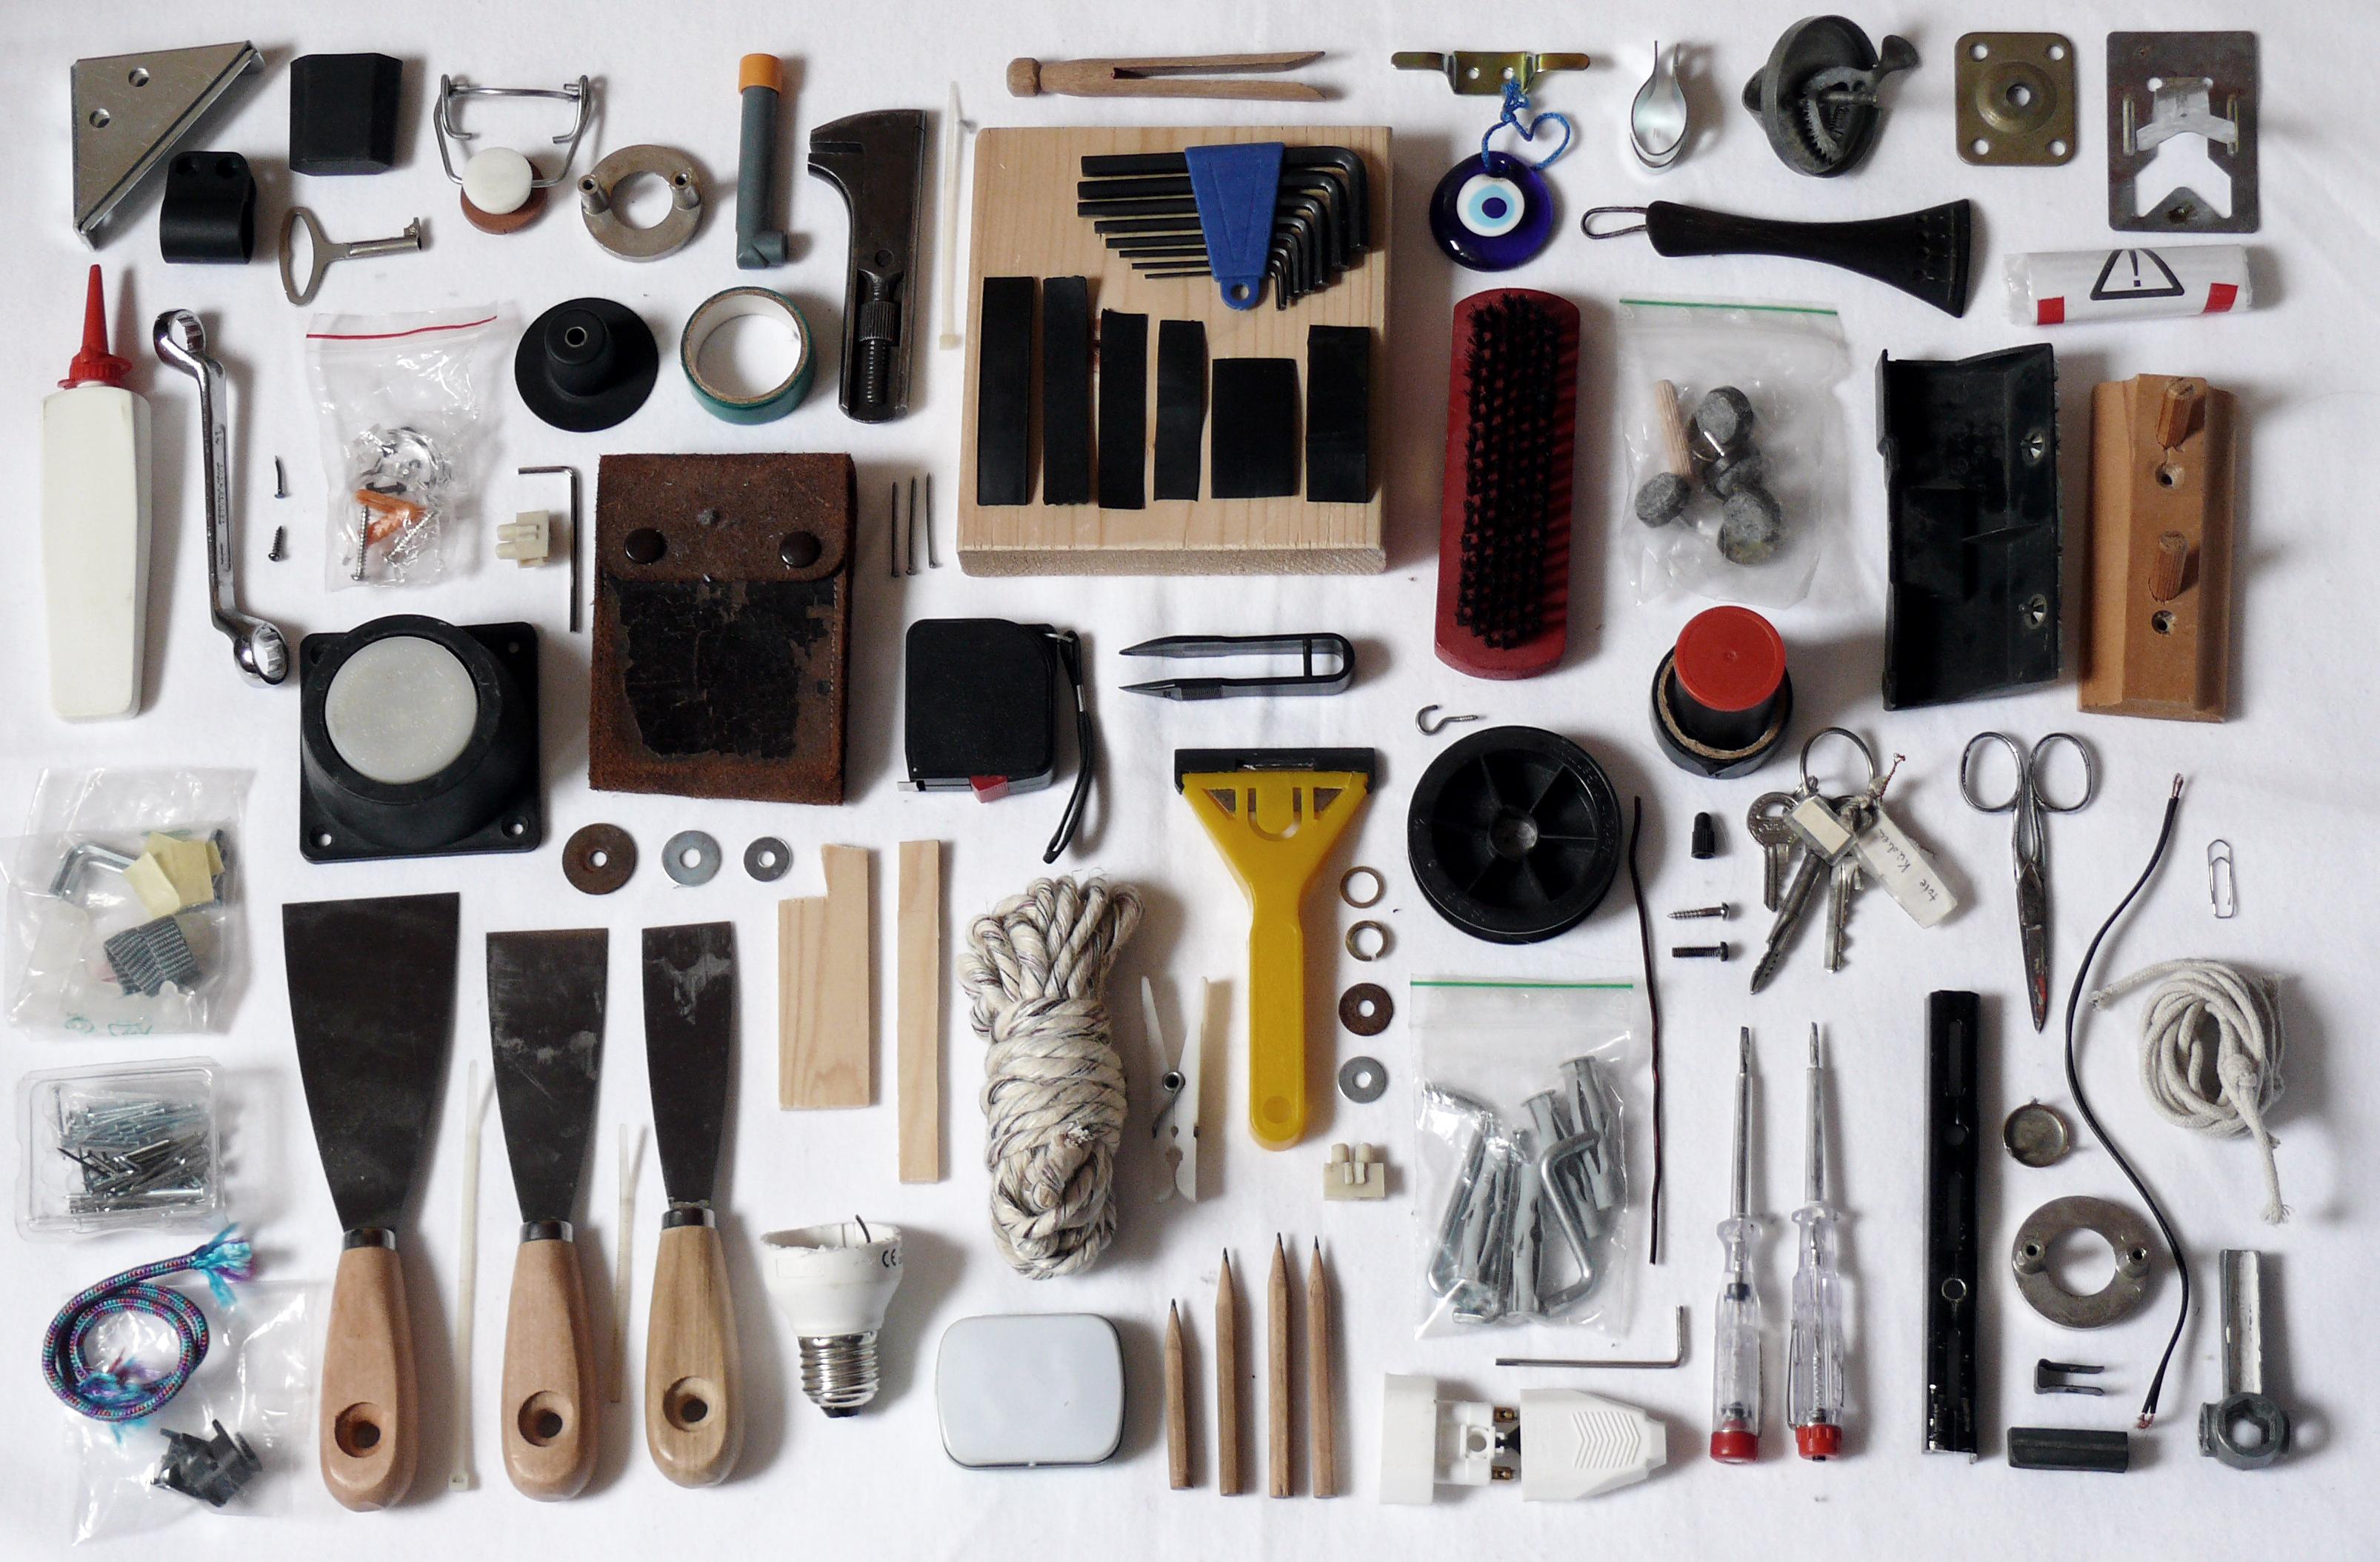 ganz viele verschiedene auf einer Fläche angeordnete Werkzeuge